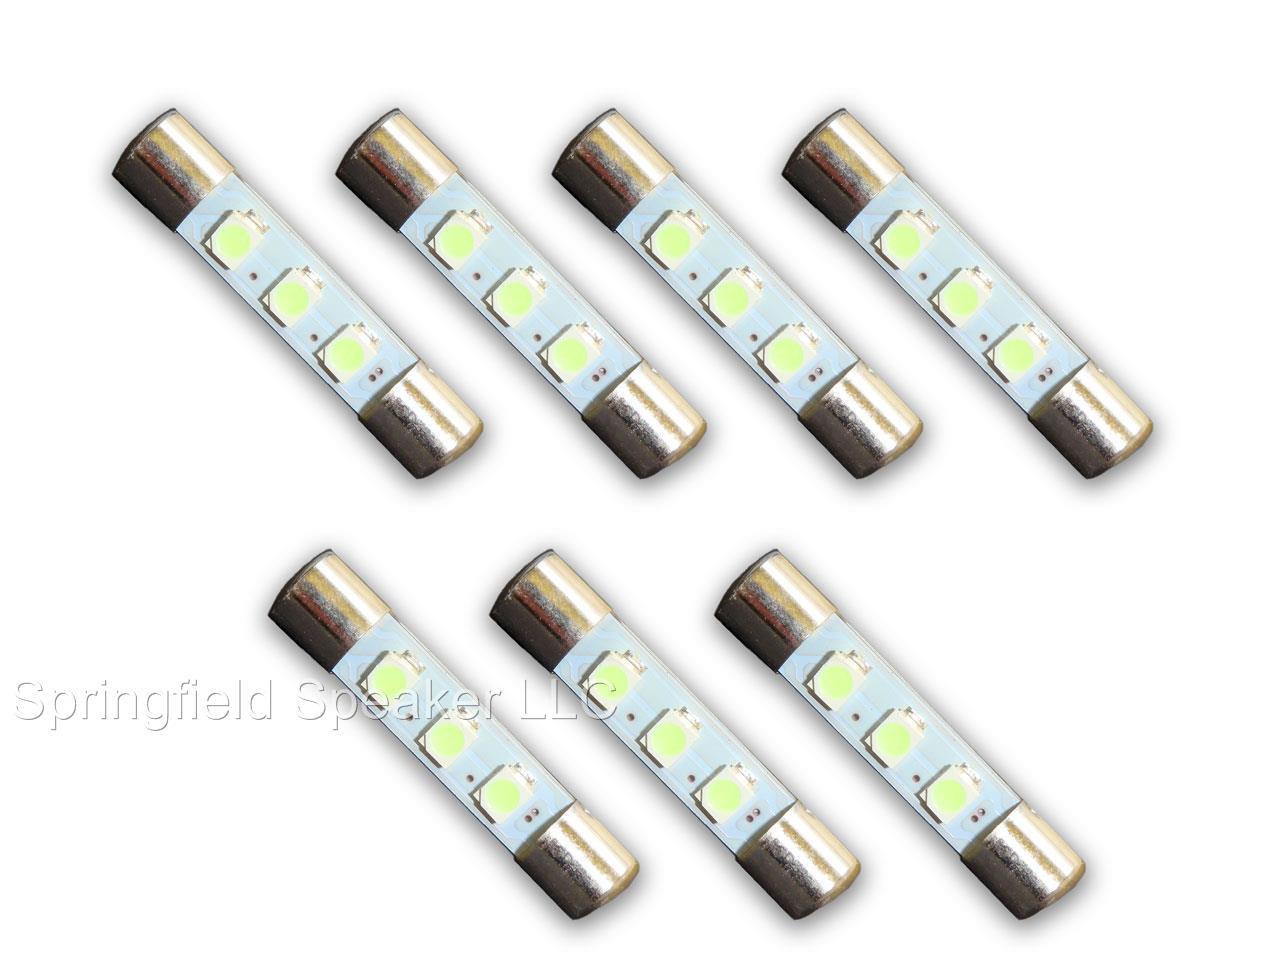 7 Warm White 8v Led Lamp Fuse Type Bulbs For Marantz